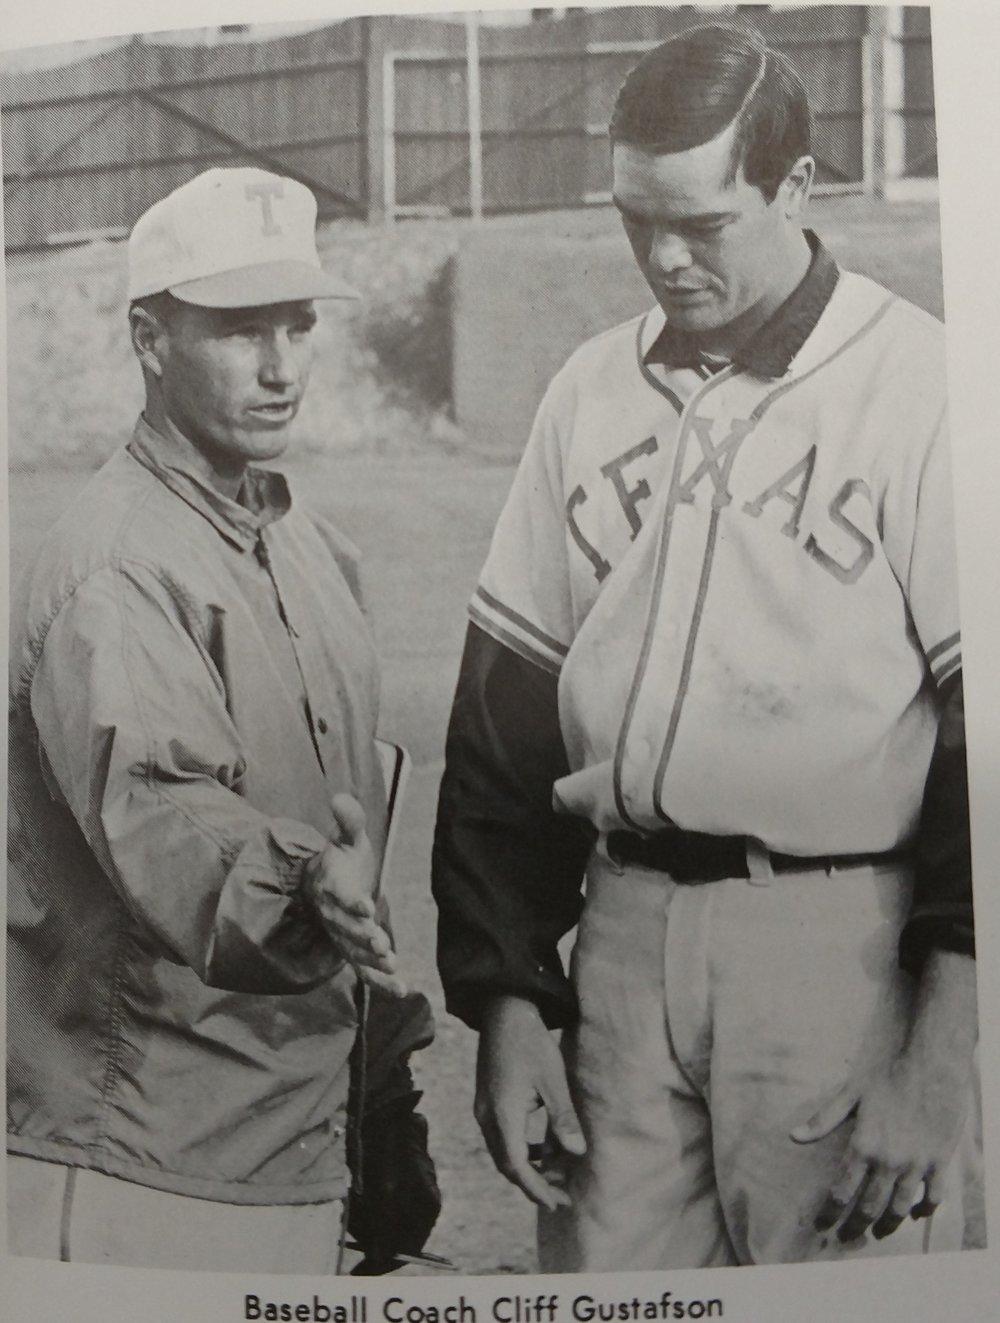 Gustafson and Bob Snoddy